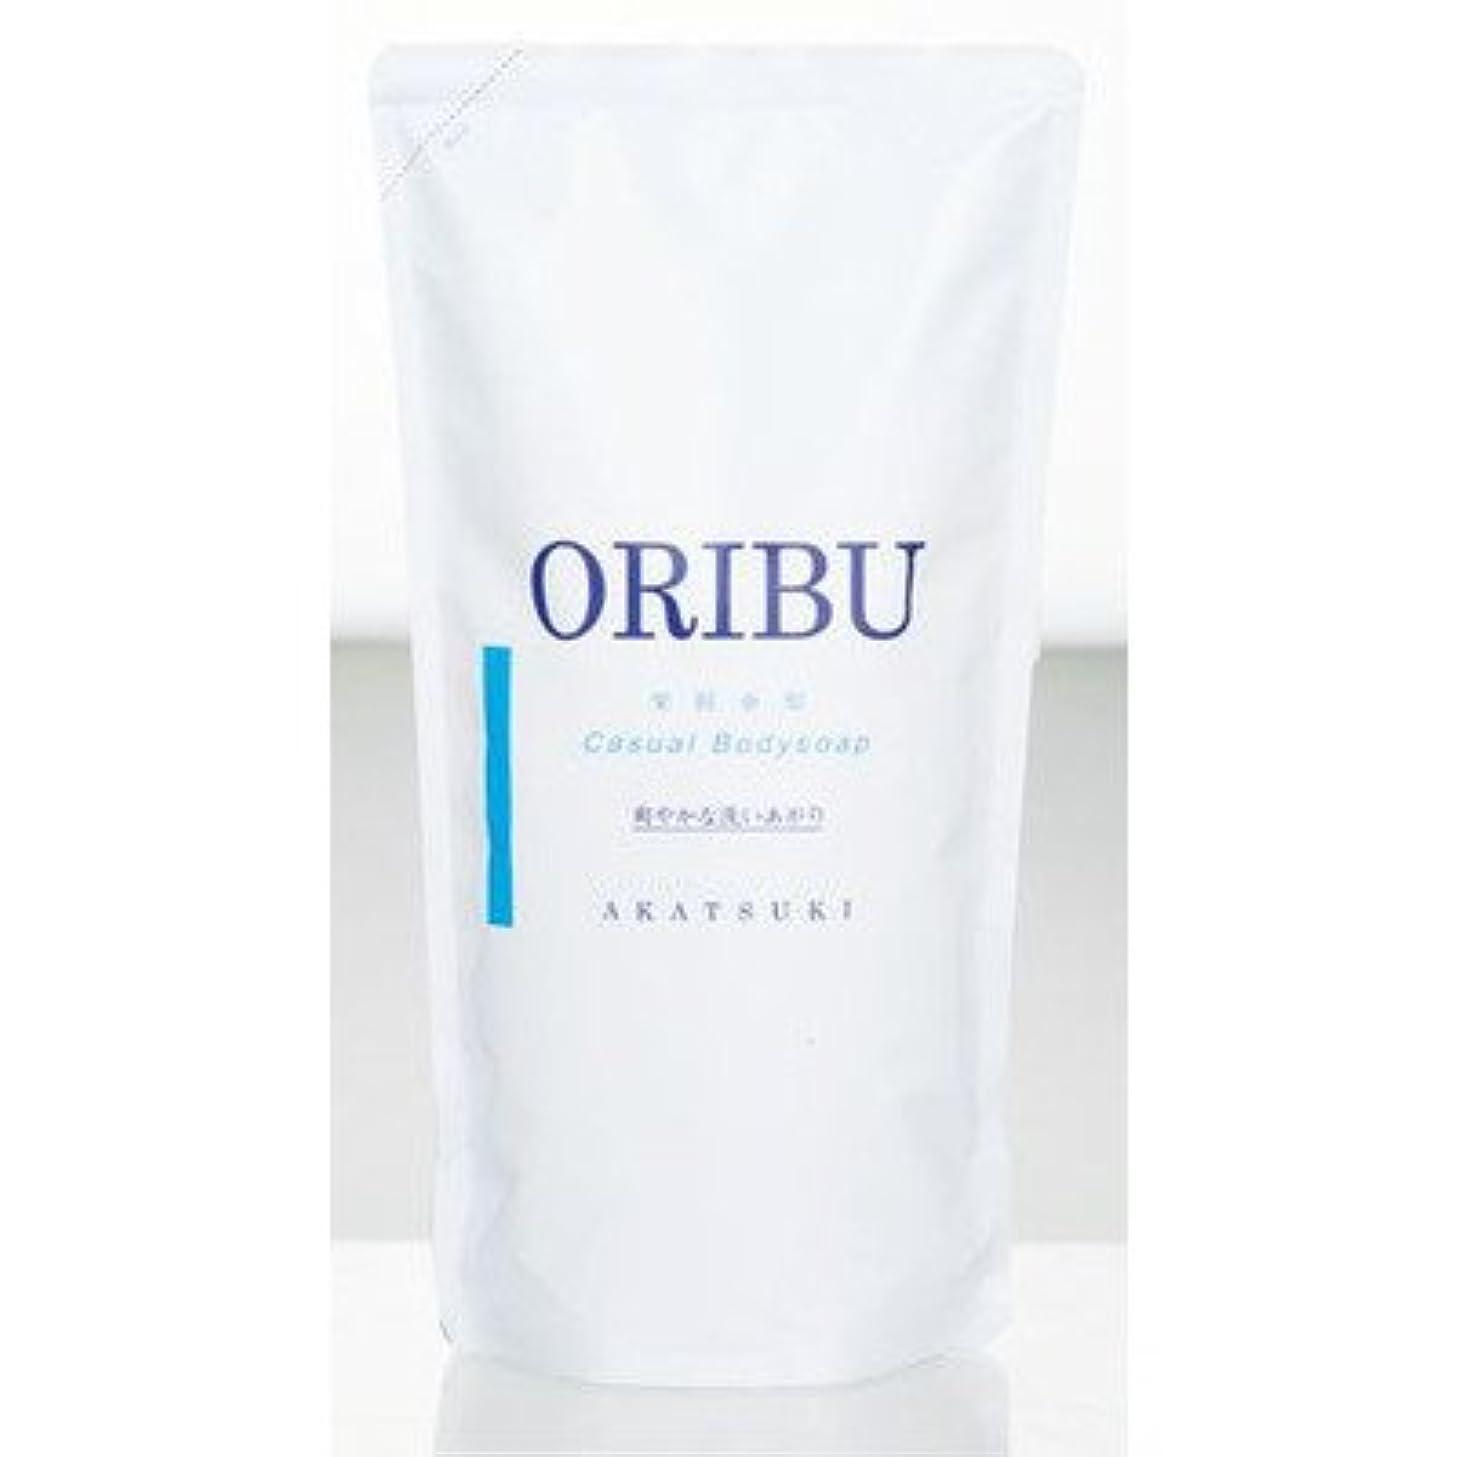 密接に逆に酸化する暁石鹸 ORIBU オリブ 果樹亜瑠 カジュアル ボディソープ 詰替用 700ml